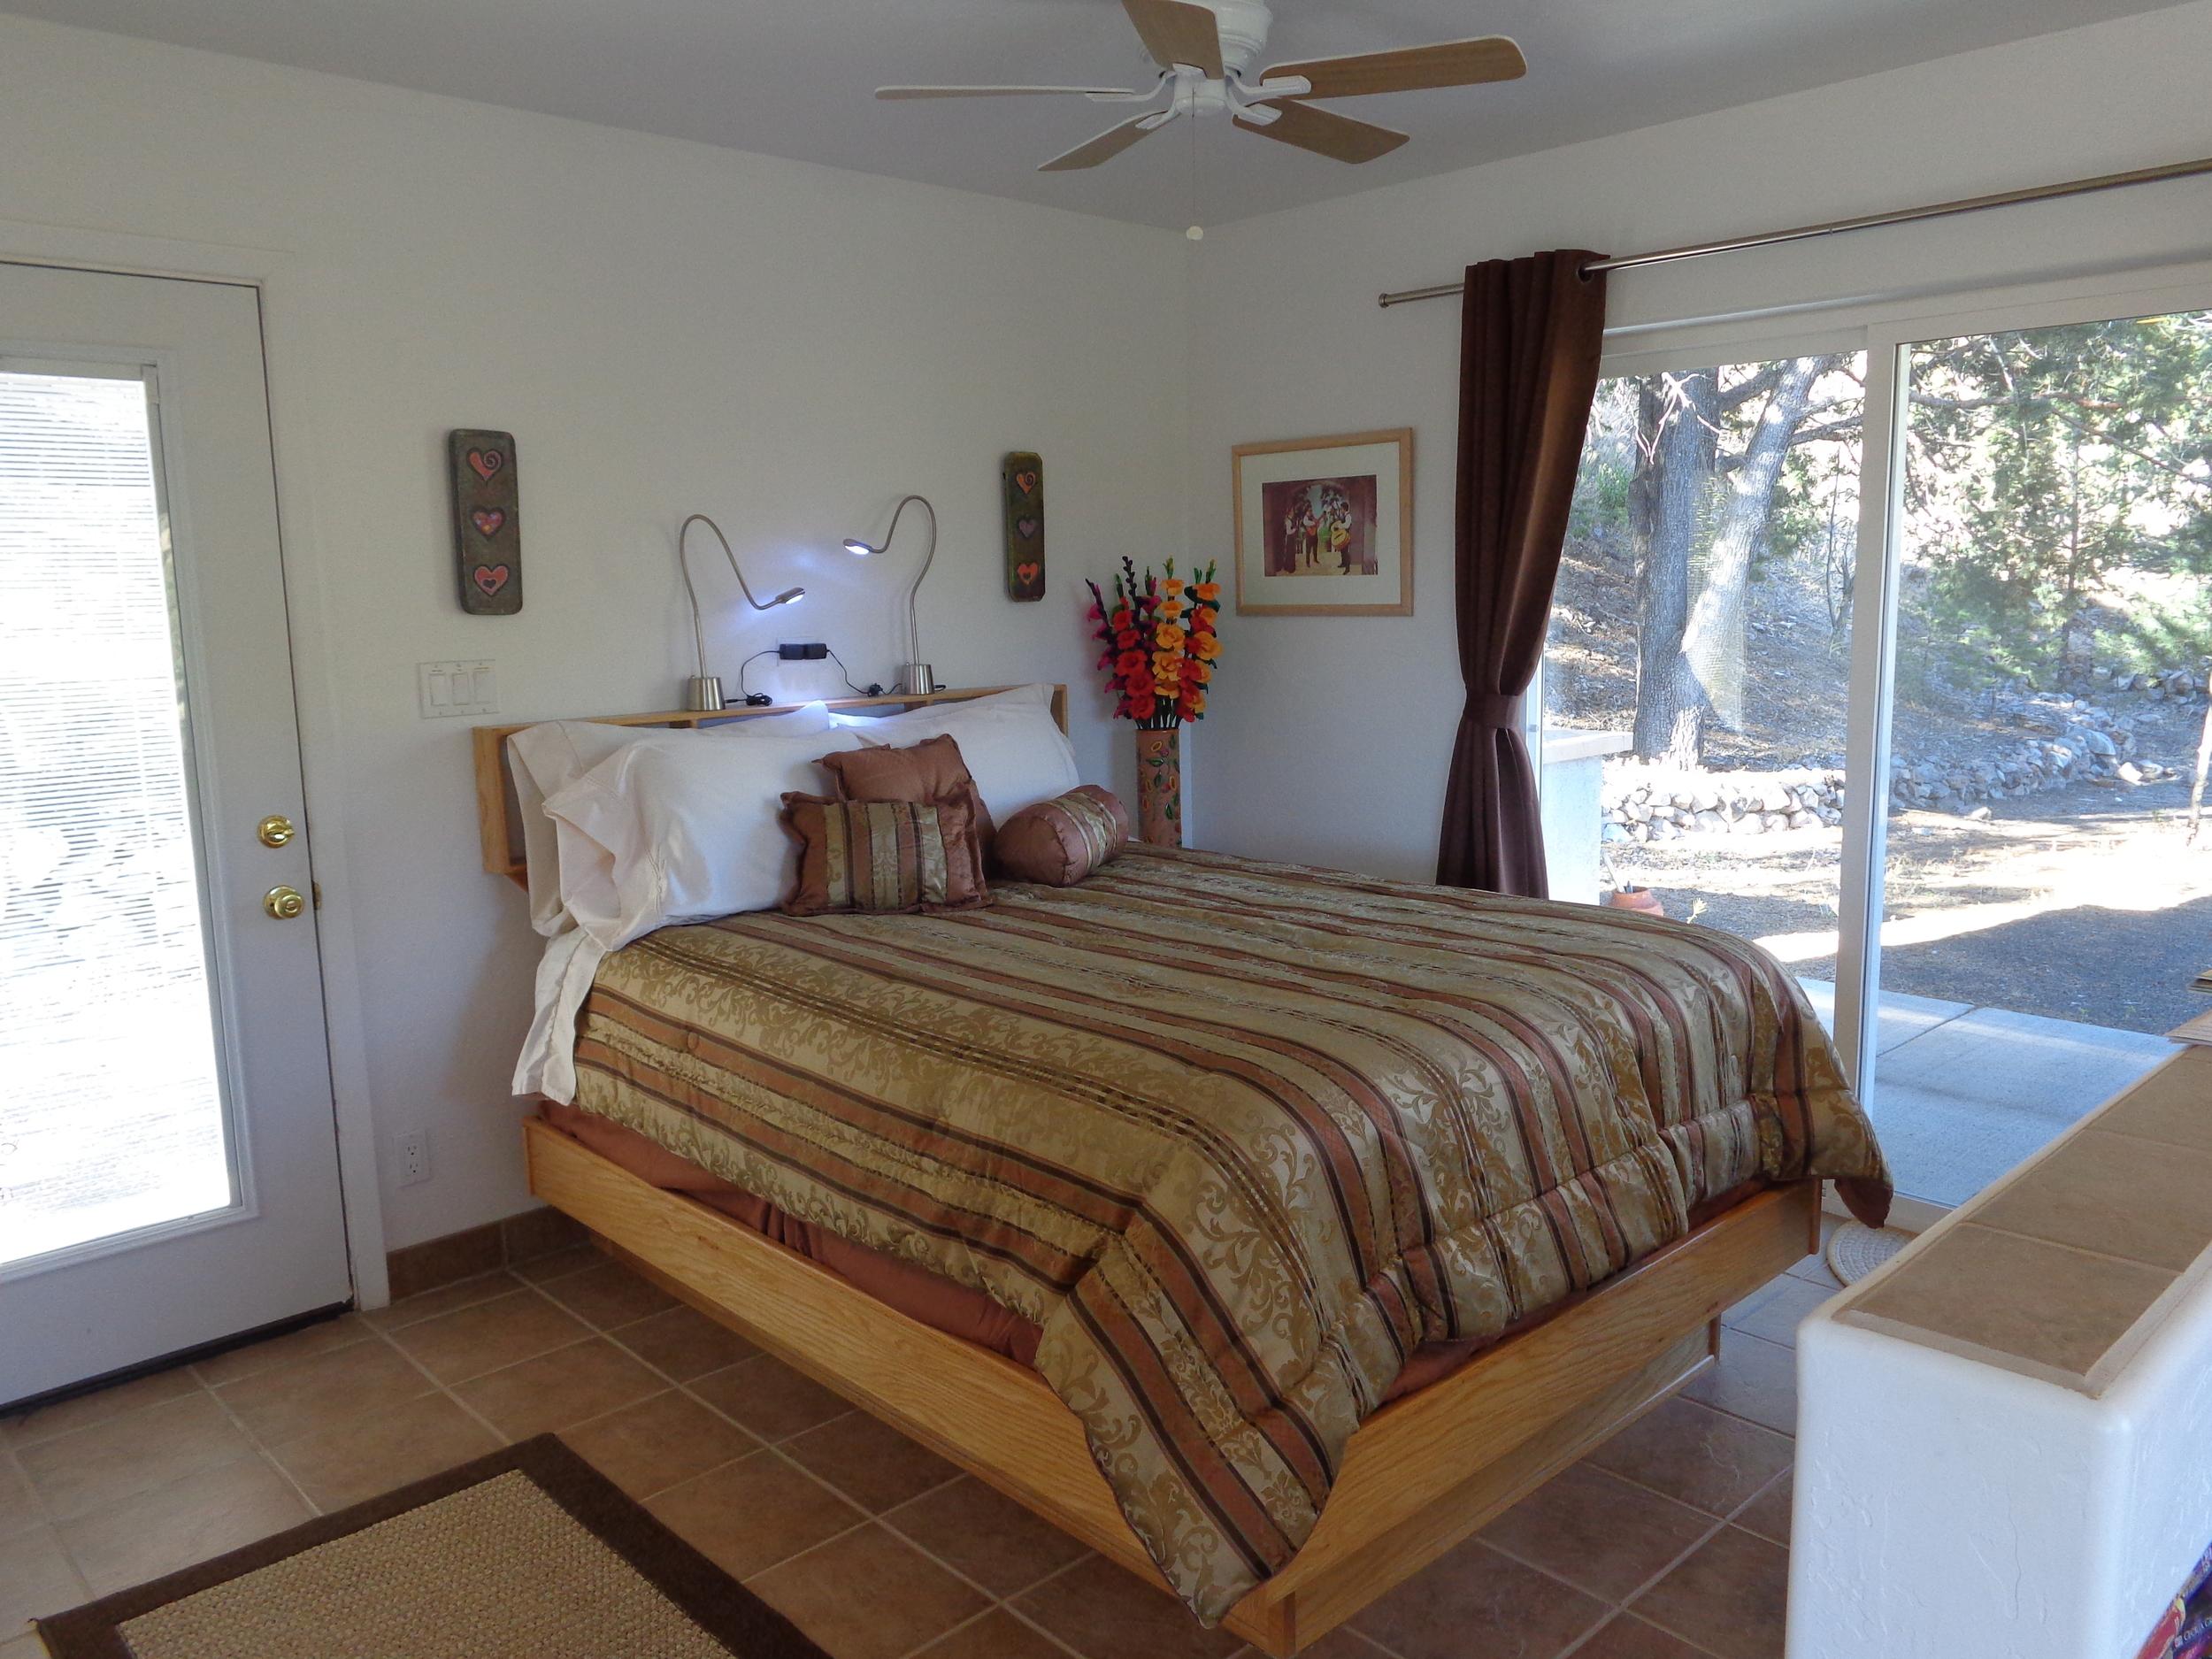 mcgregor bedroom area.JPG